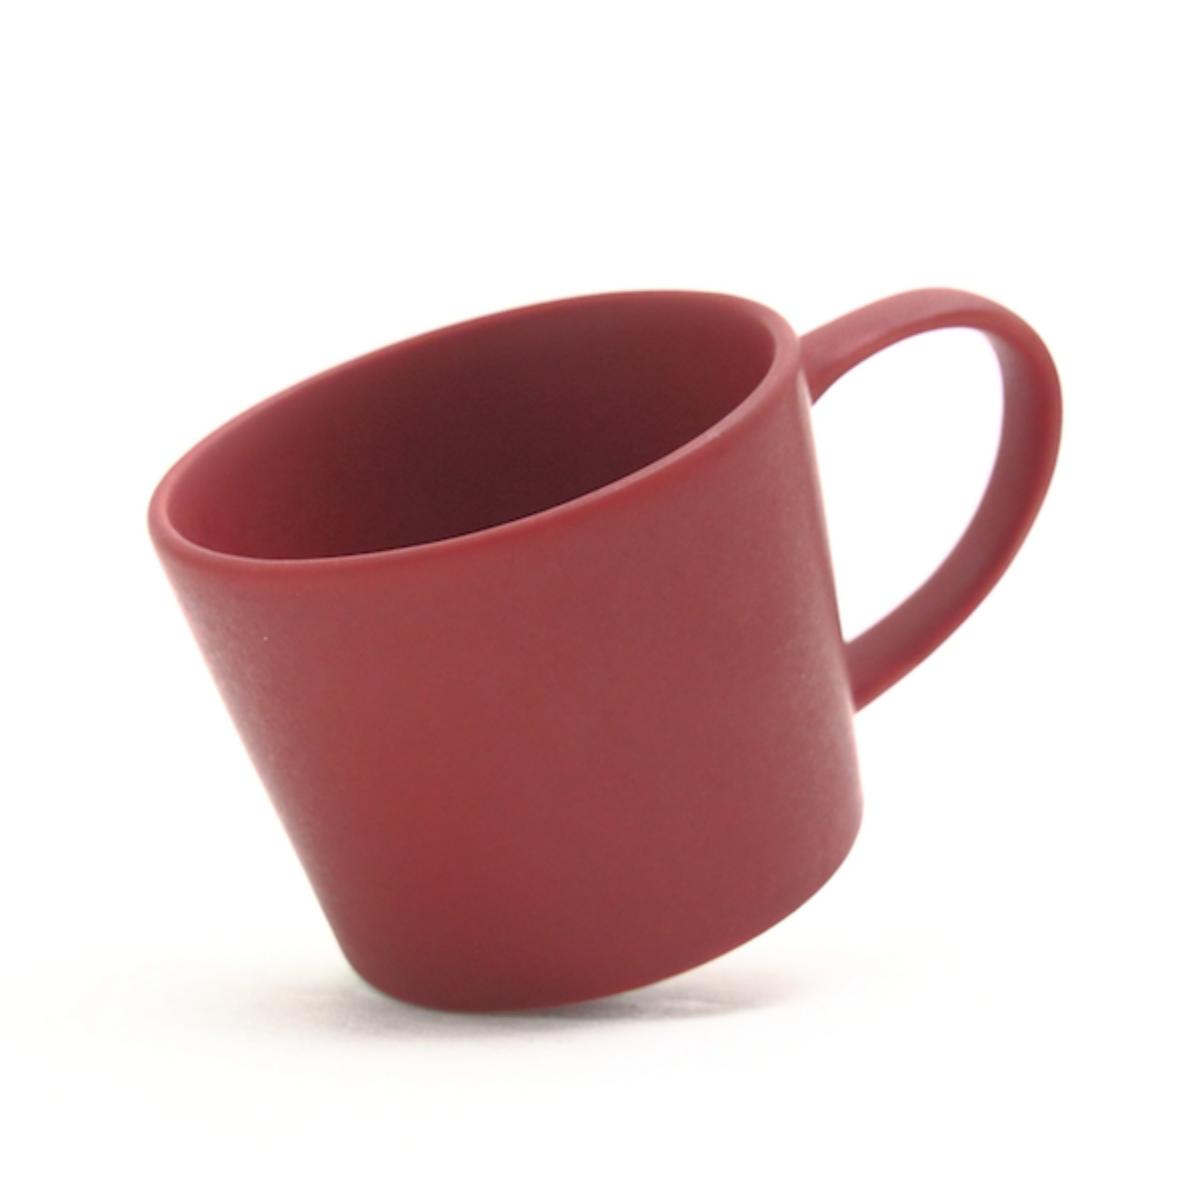 マグカップ SS ワインレッド 詳細画像3